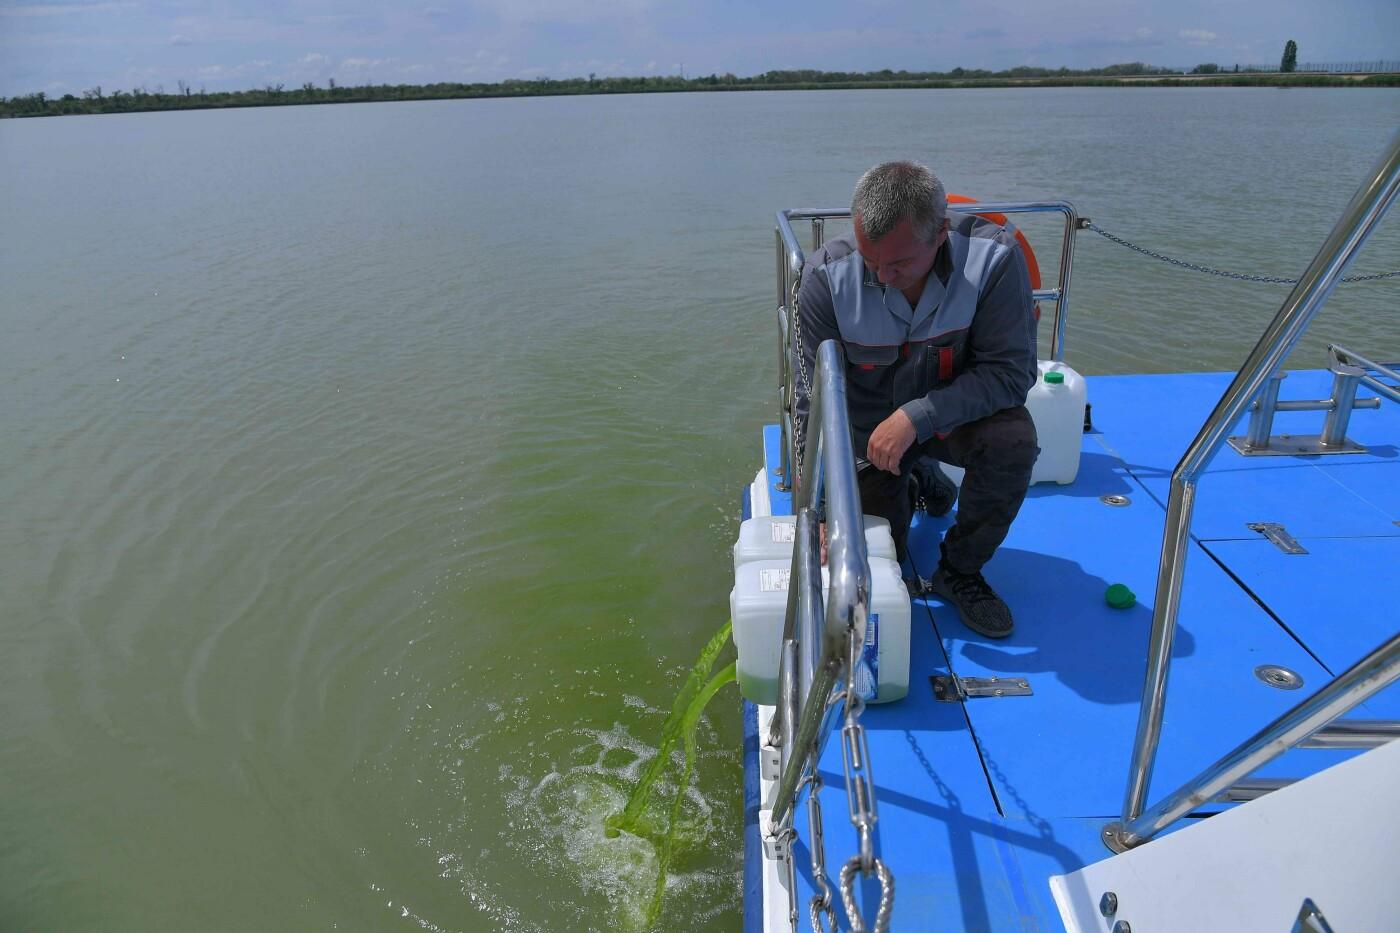 Специалисты АЭС выпускают суспензию с хлореллой в Дон